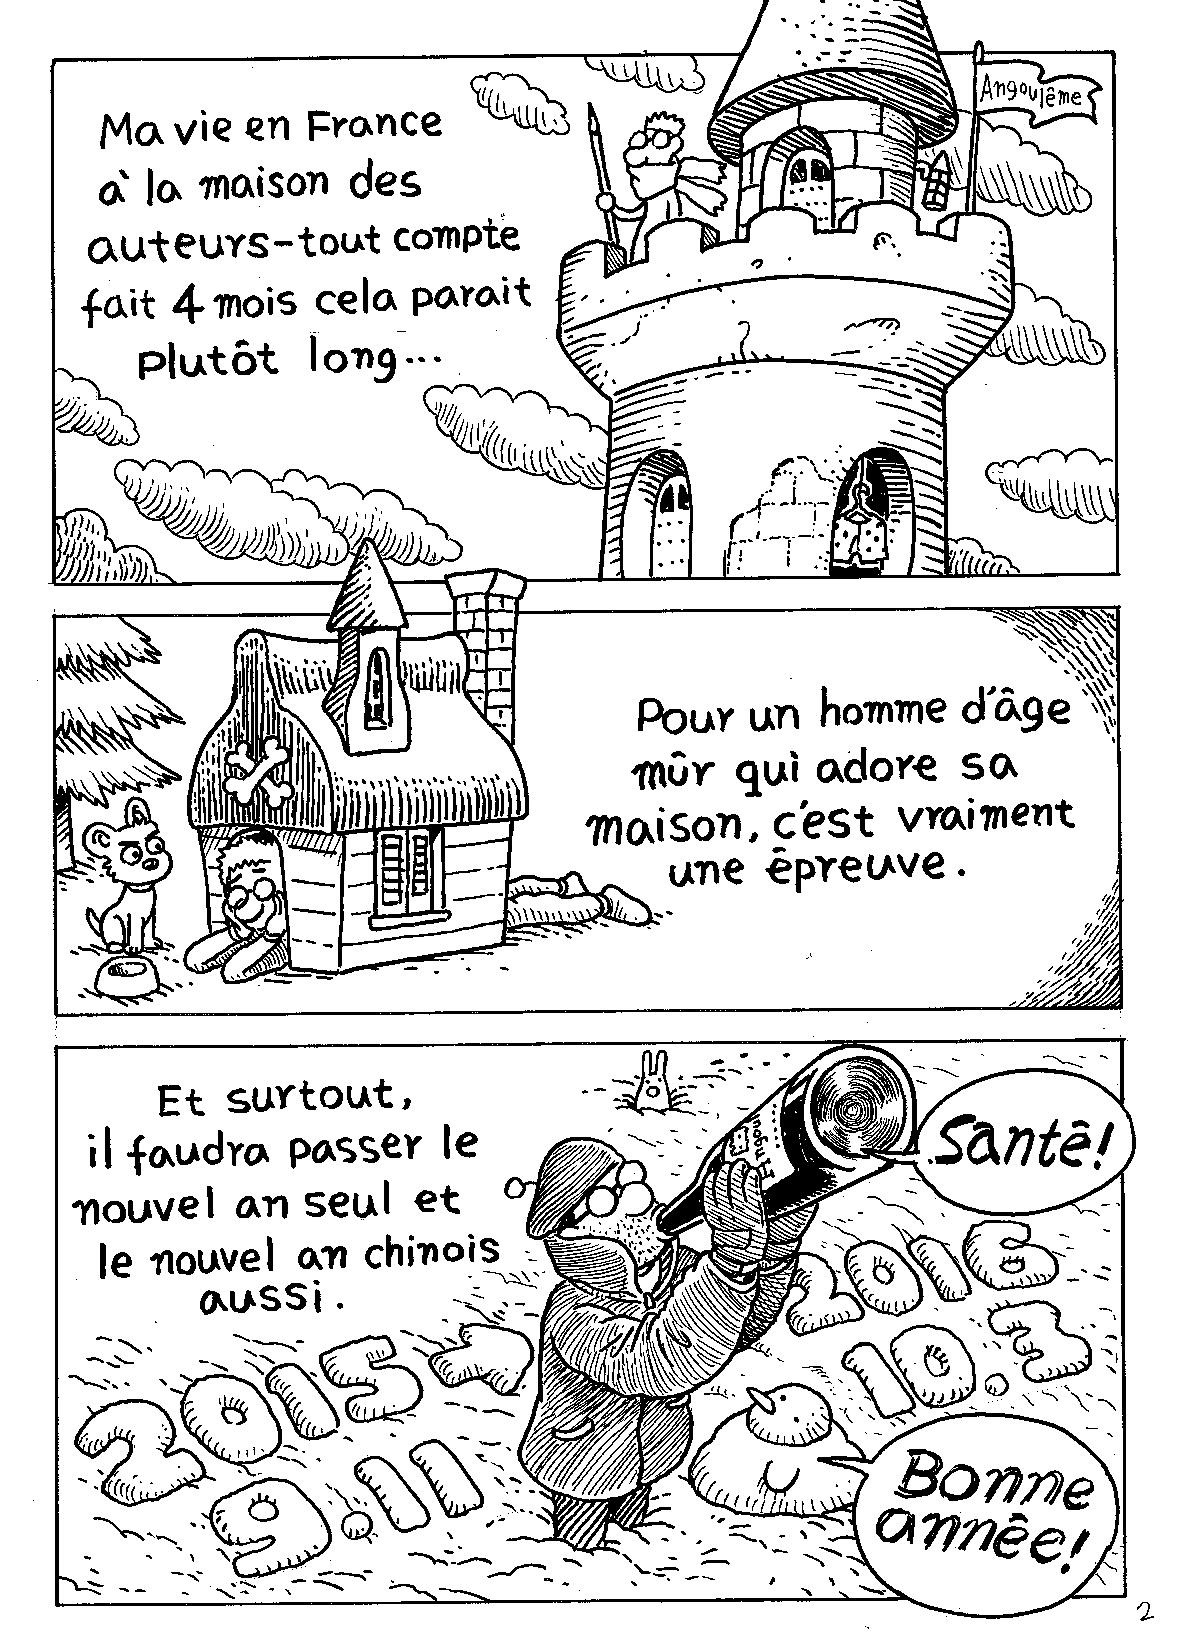 angouleme011